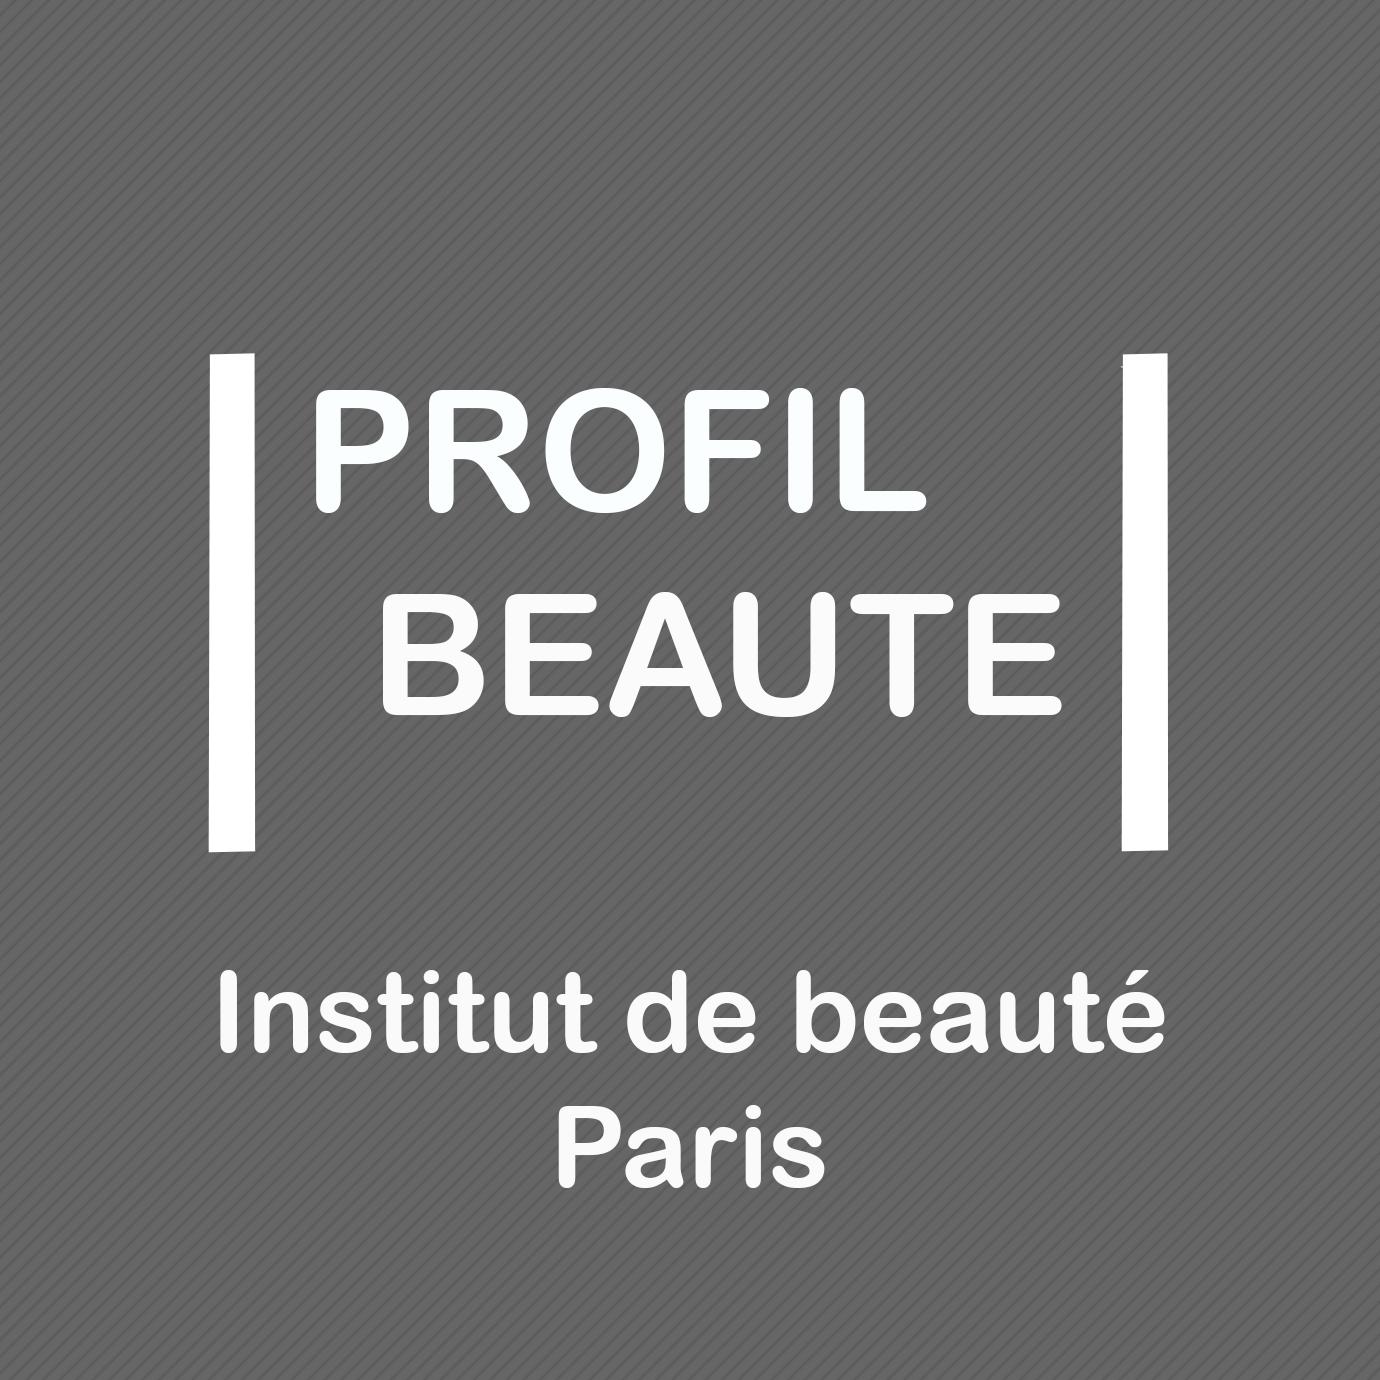 Profil beauté